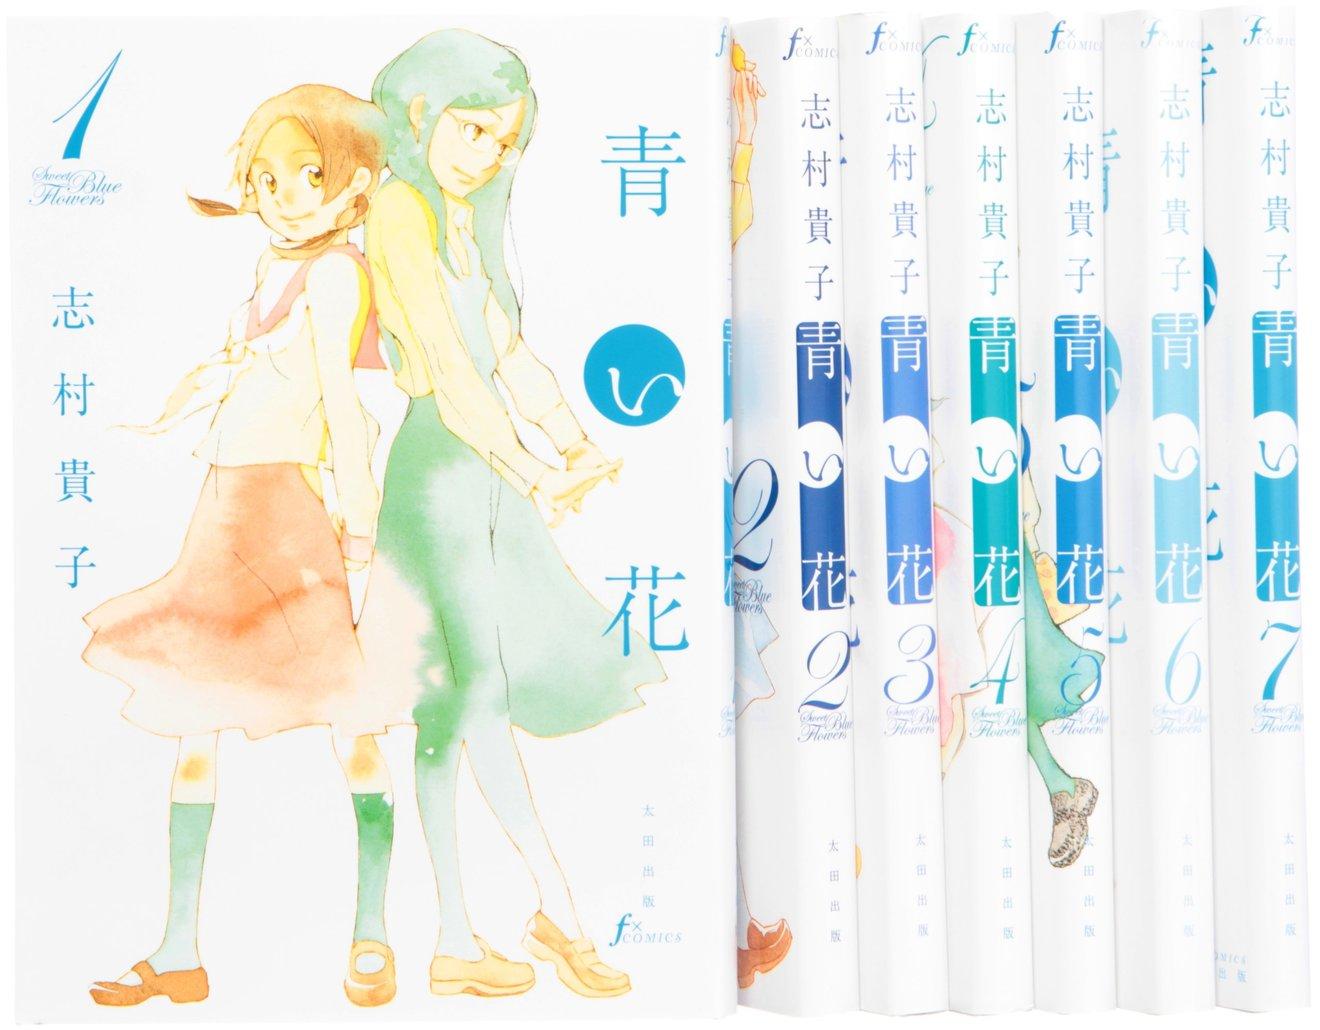 『青い花』になぜ心惹かれるのか。名作百合漫画の魅力をネタバレ考察!